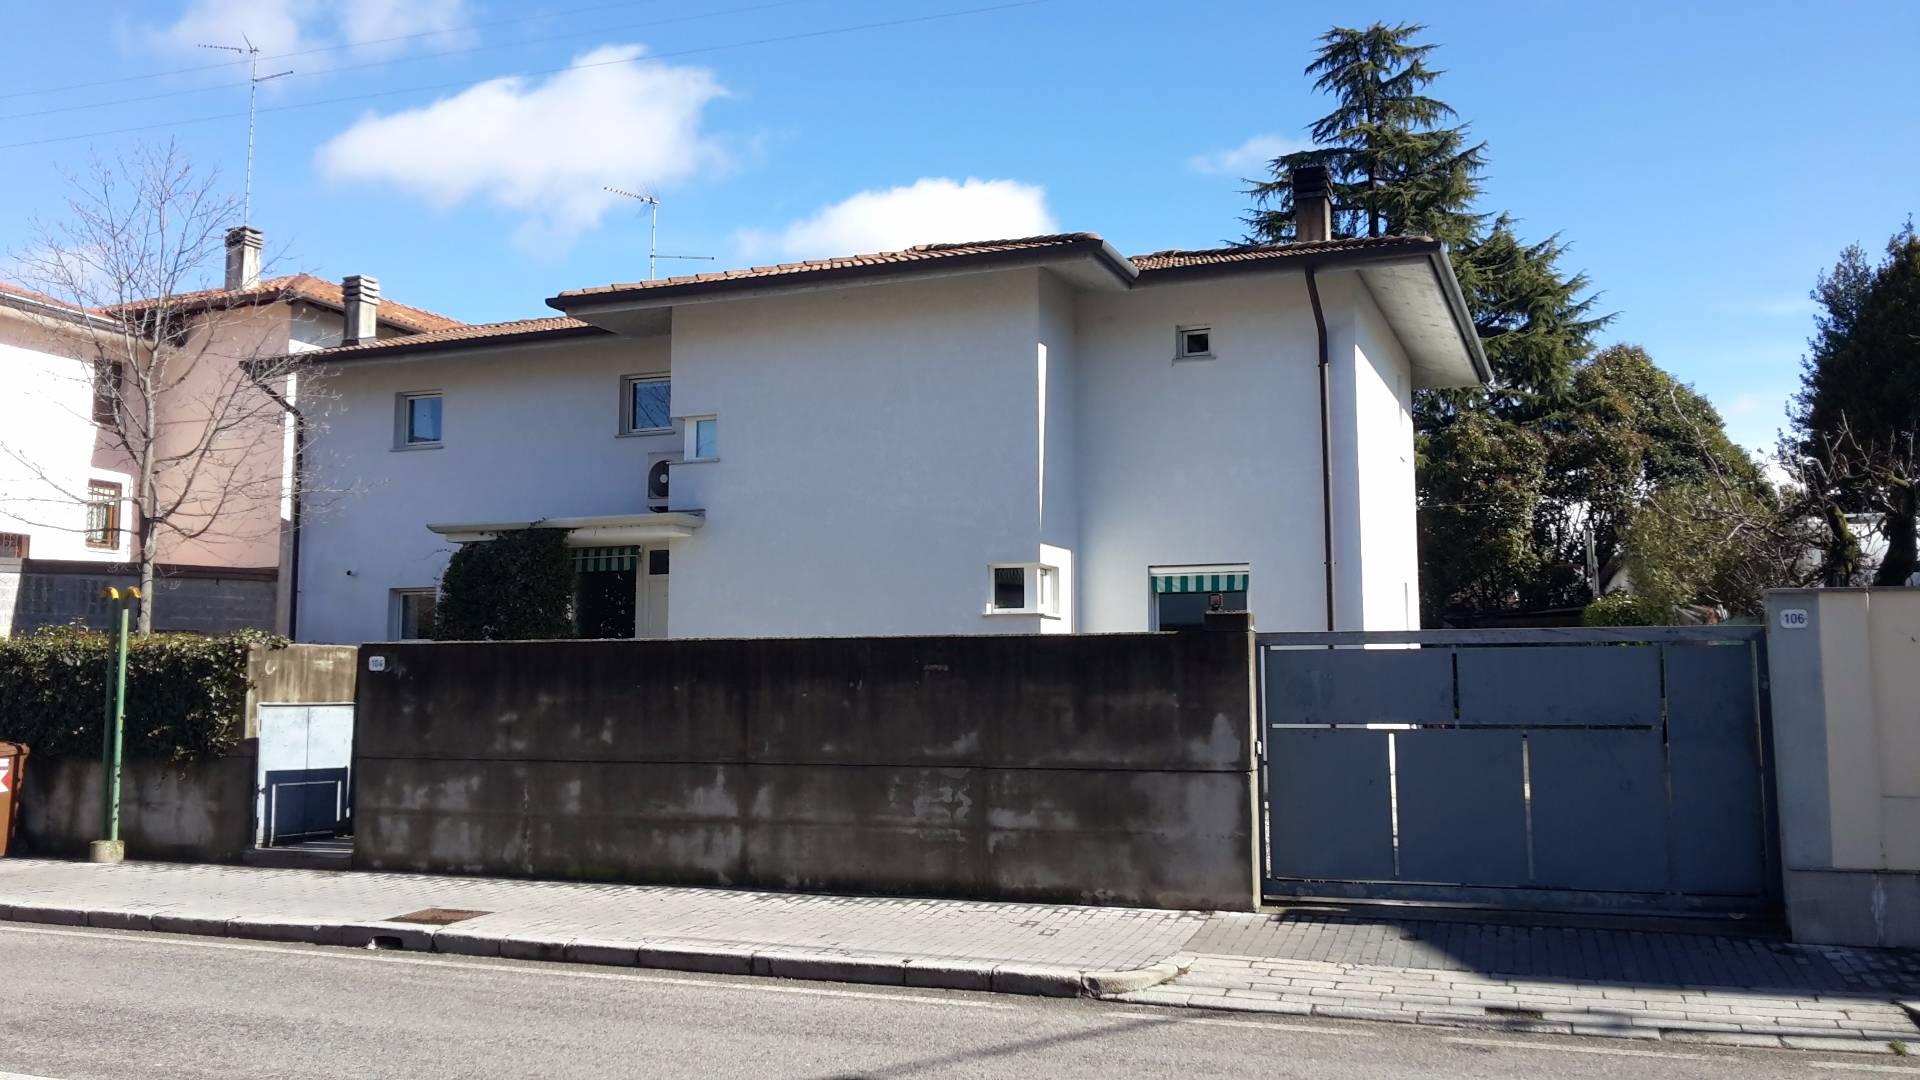 Soluzione Indipendente in vendita a Udine, 7 locali, prezzo € 370.000 | CambioCasa.it